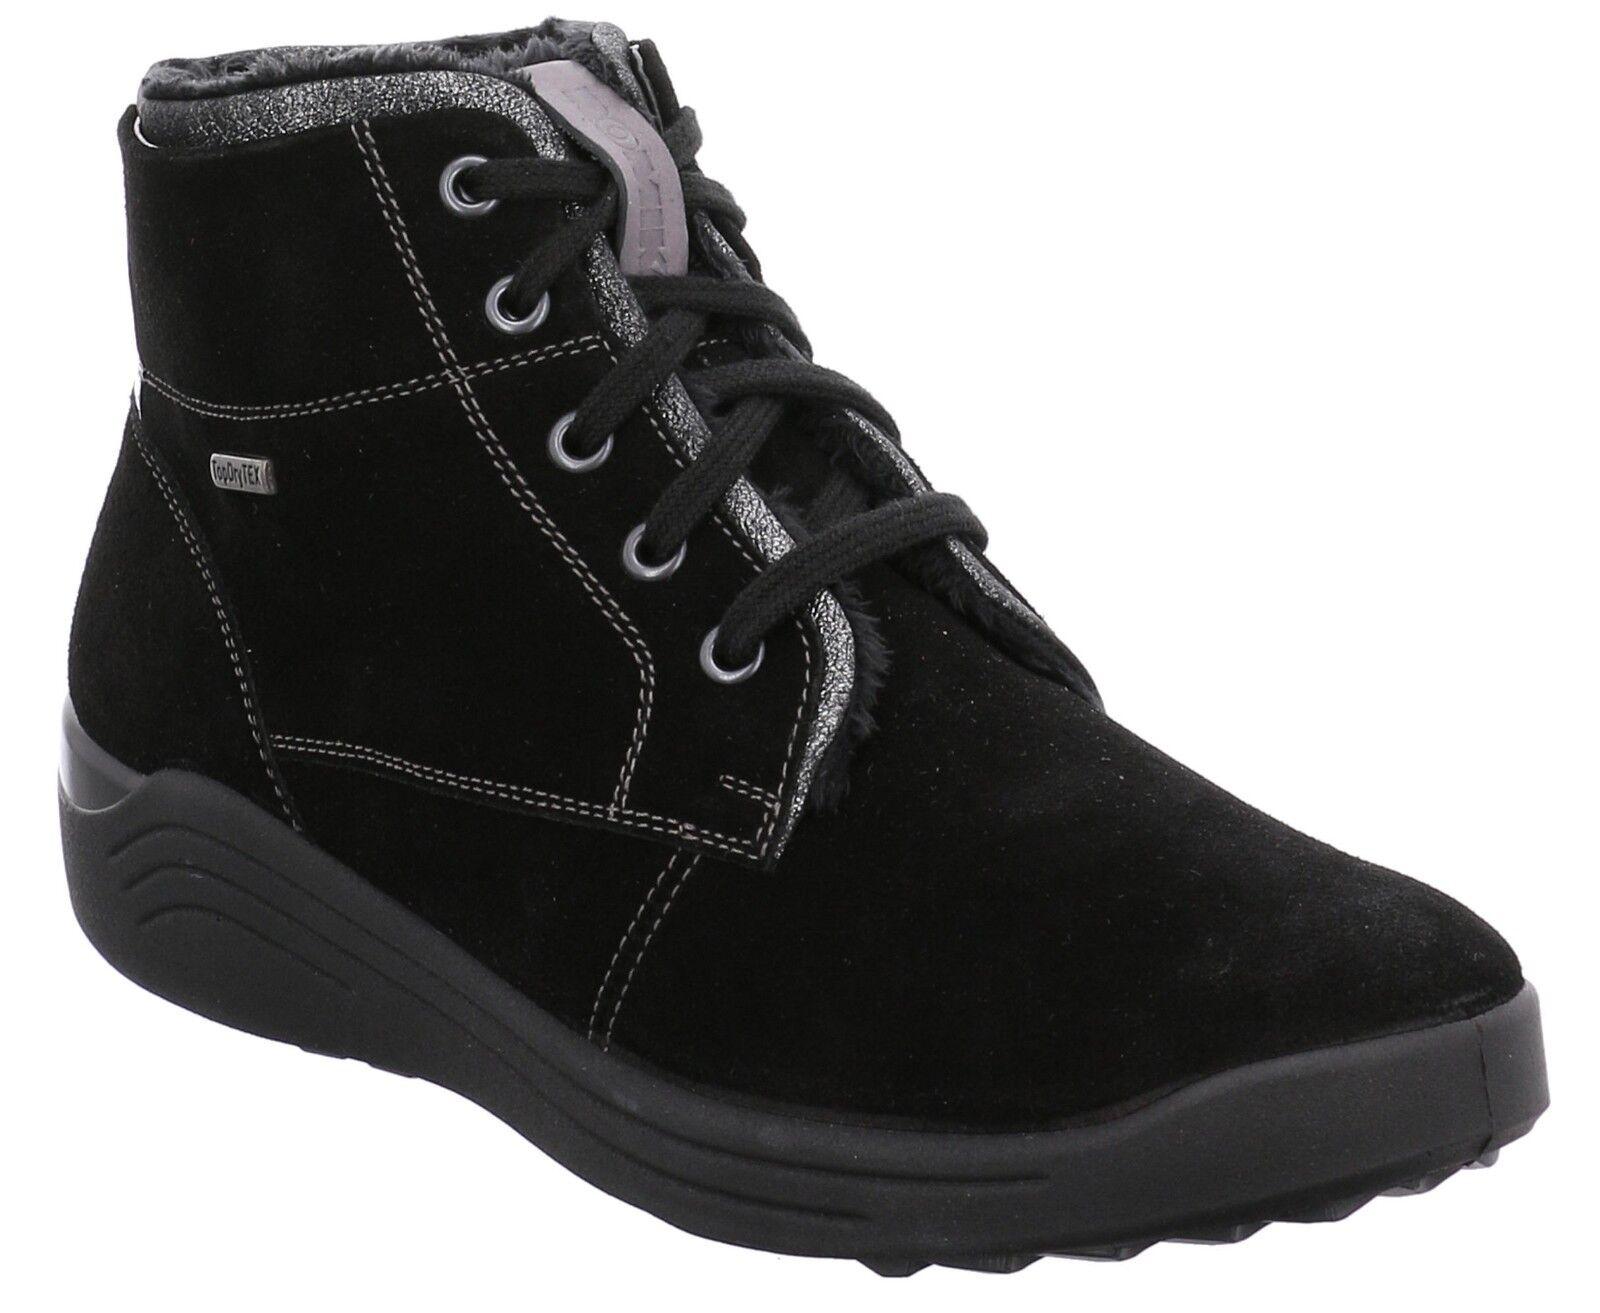 Señoras Romika Madera Negro botas Con Cordones Cordones Cordones Talla Uk 5 (EUR 38)  Entrega gratuita y rápida disponible.